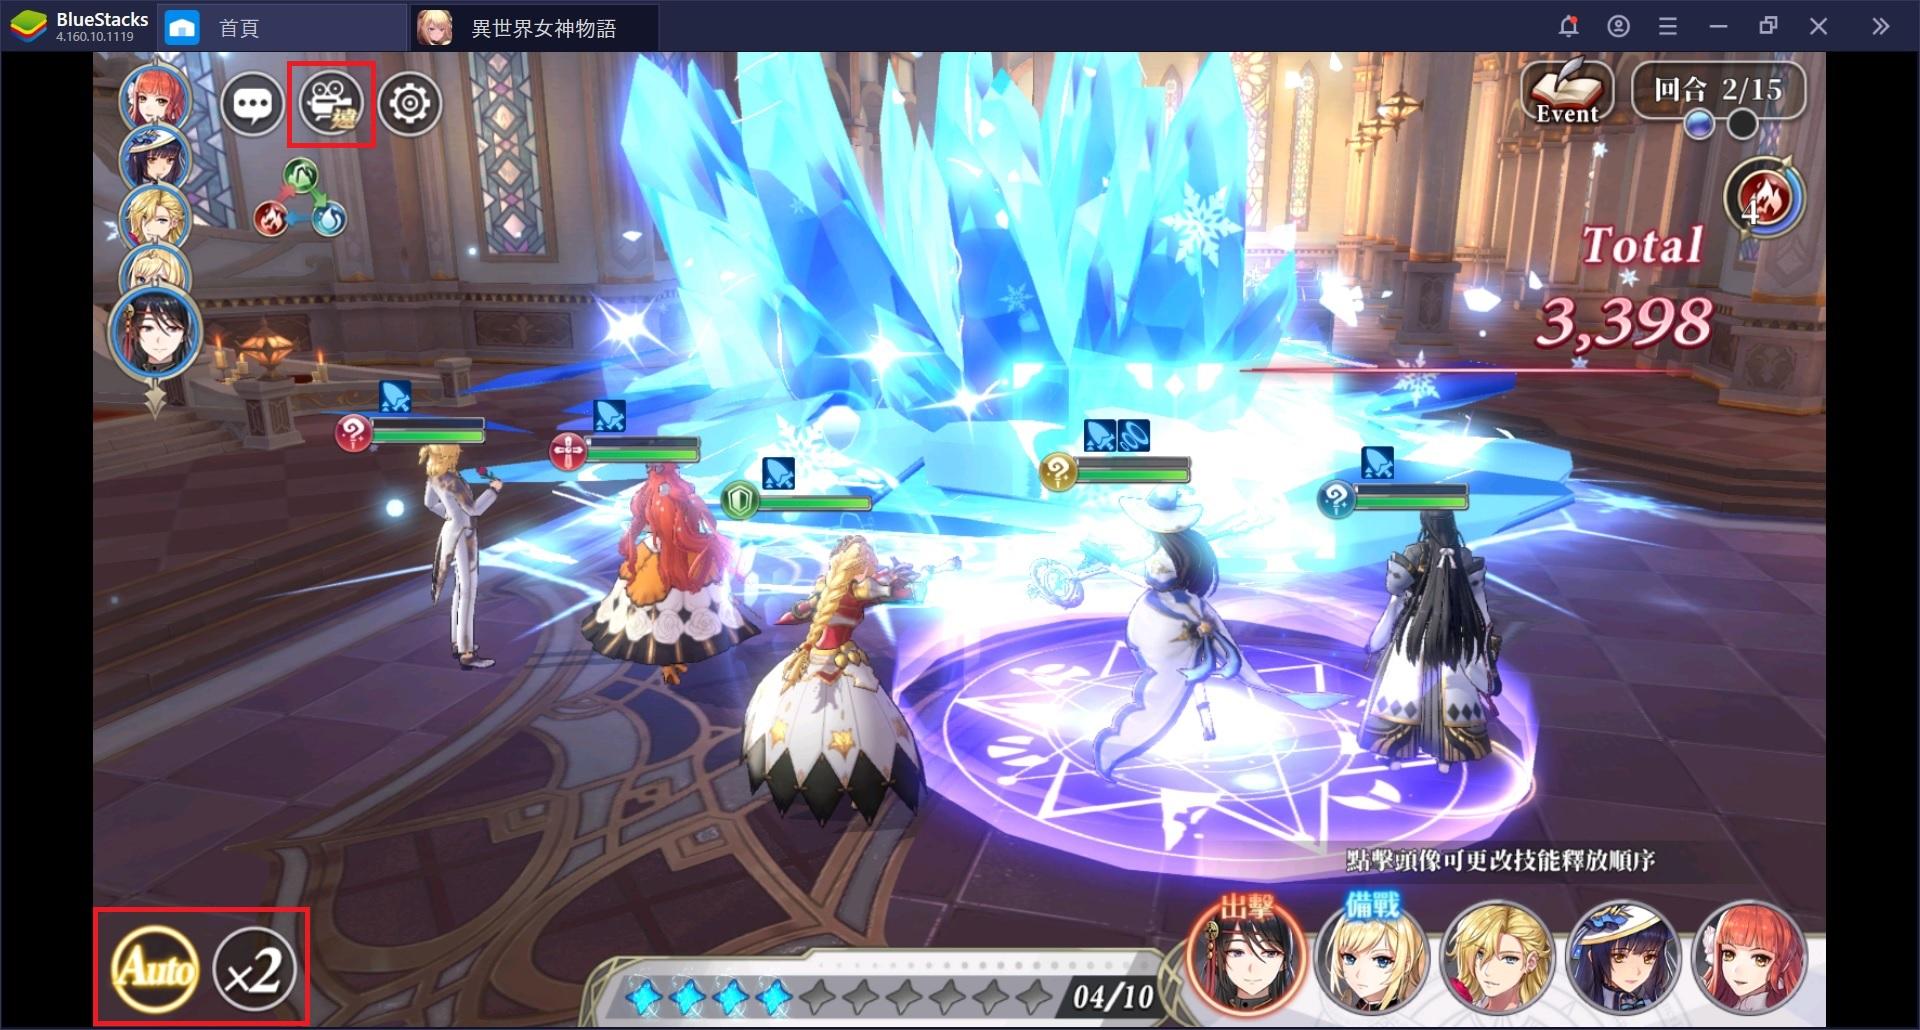 使用BlueStacks在電腦上體驗3D 卡牌戰鬥 RPG《異世界女神物語》